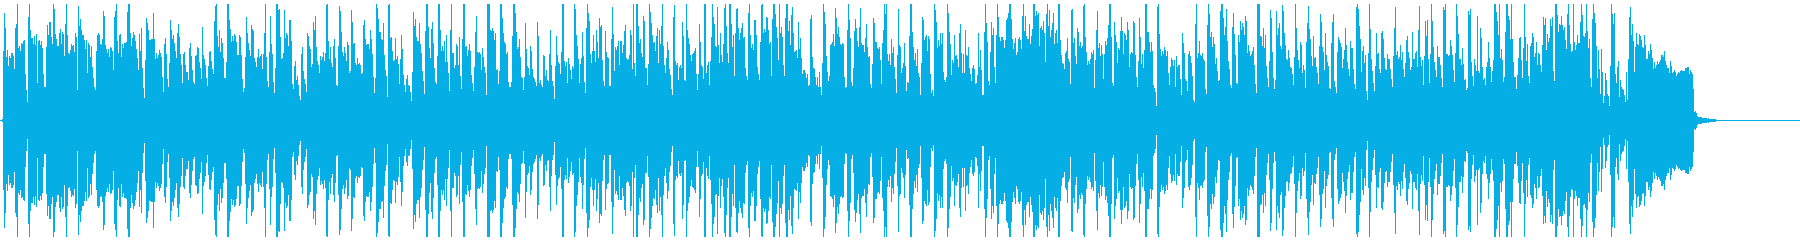 めちゃくちゃノリノリな早いファンキー曲!の再生済みの波形